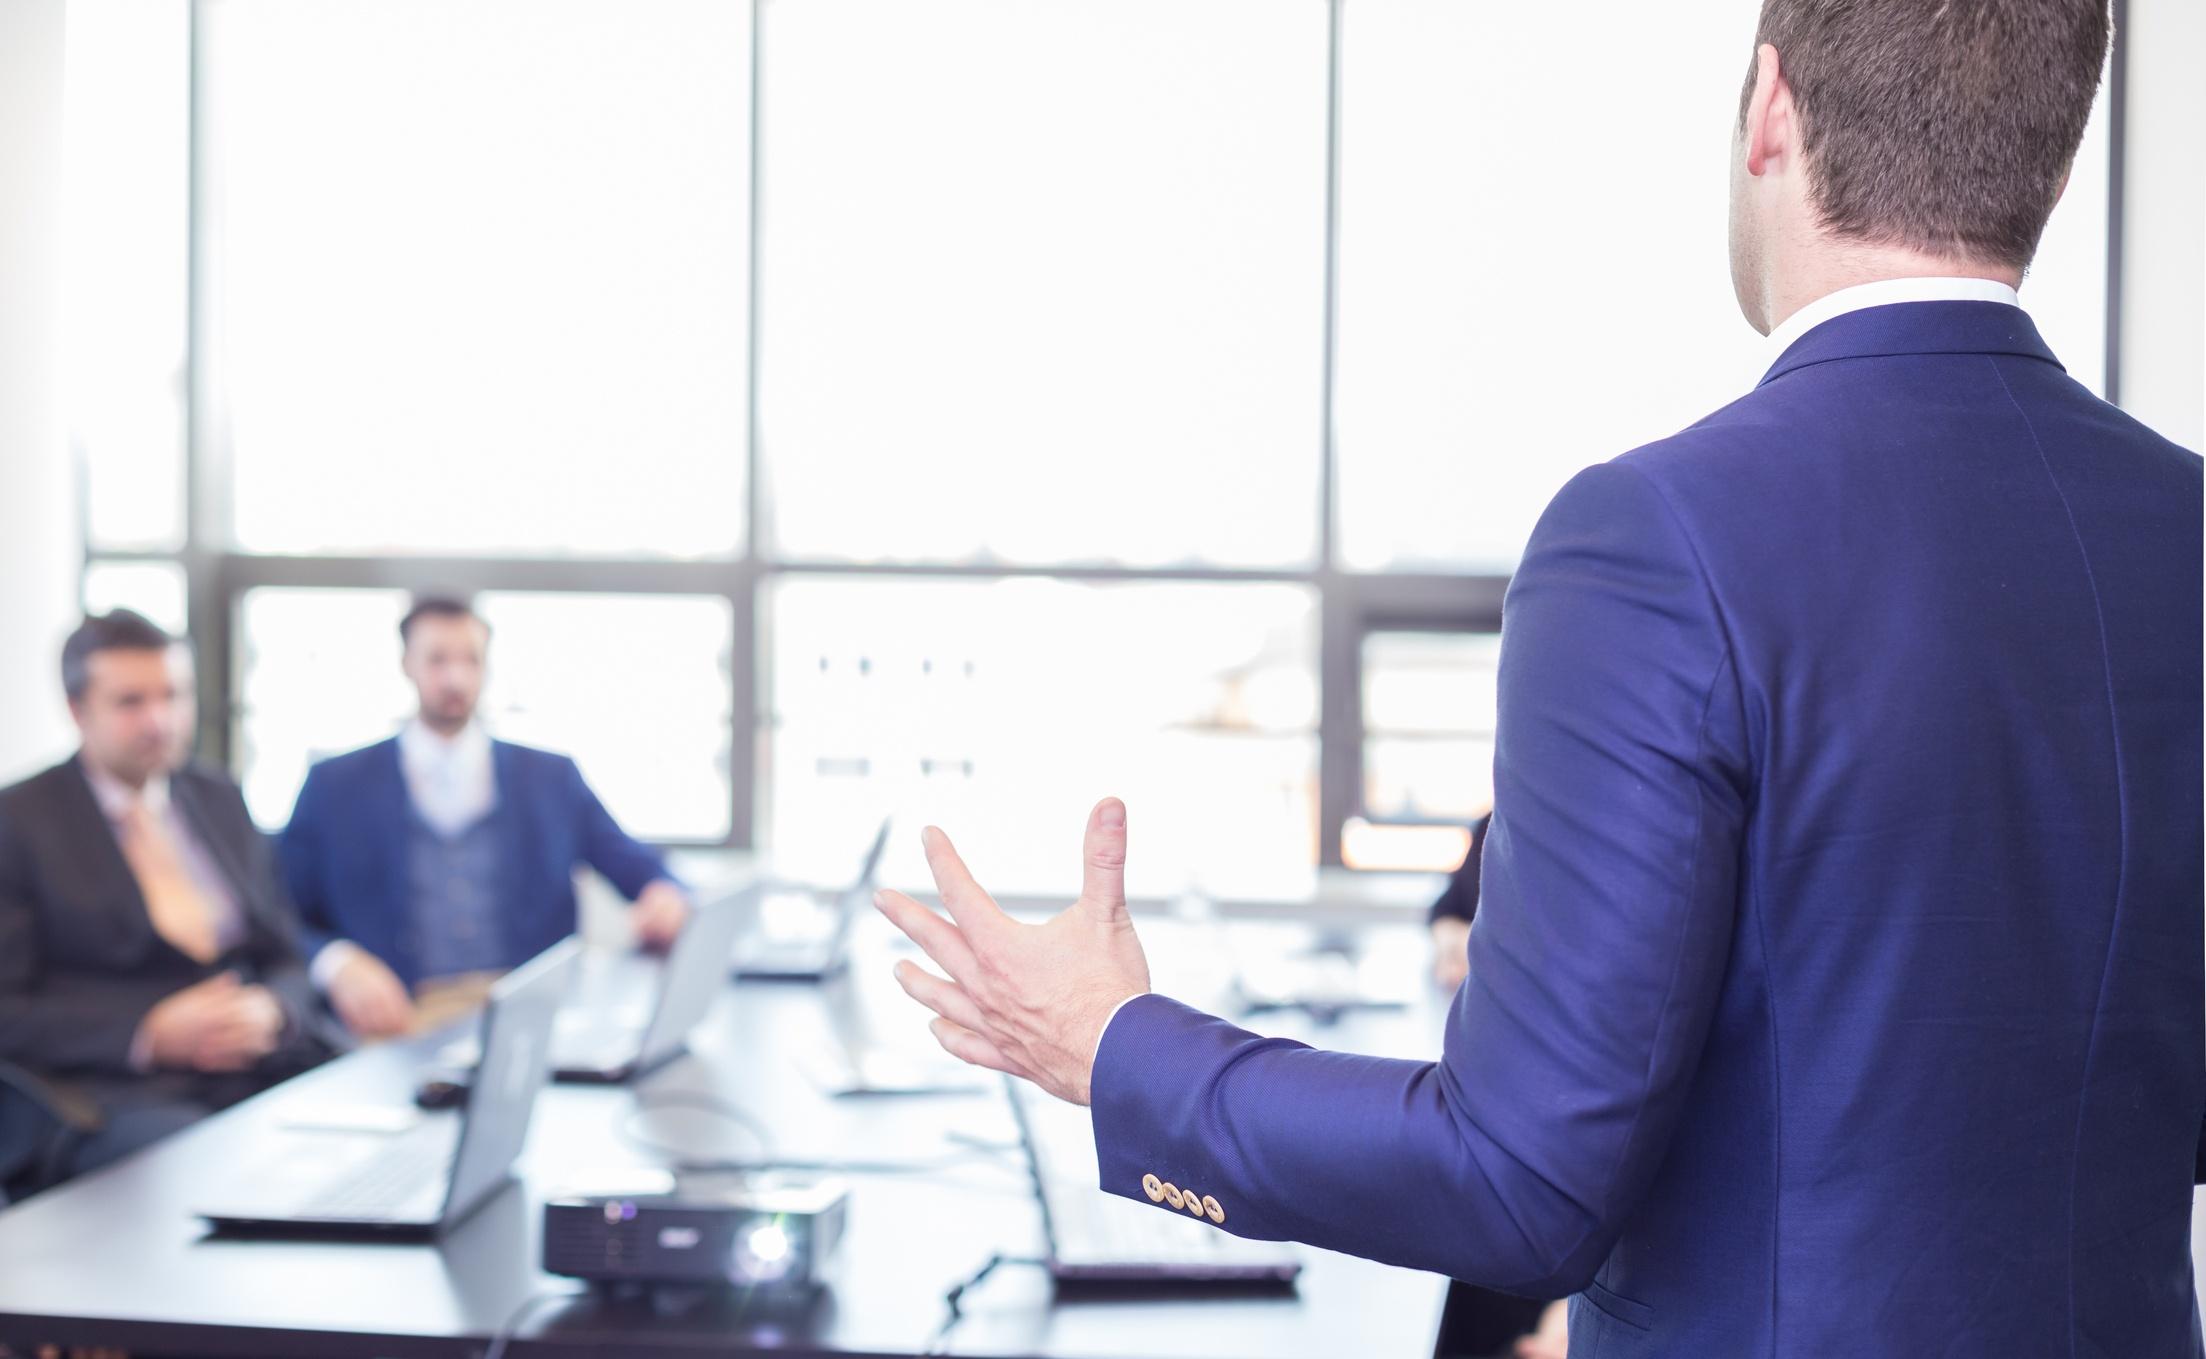 presentación en público negocios